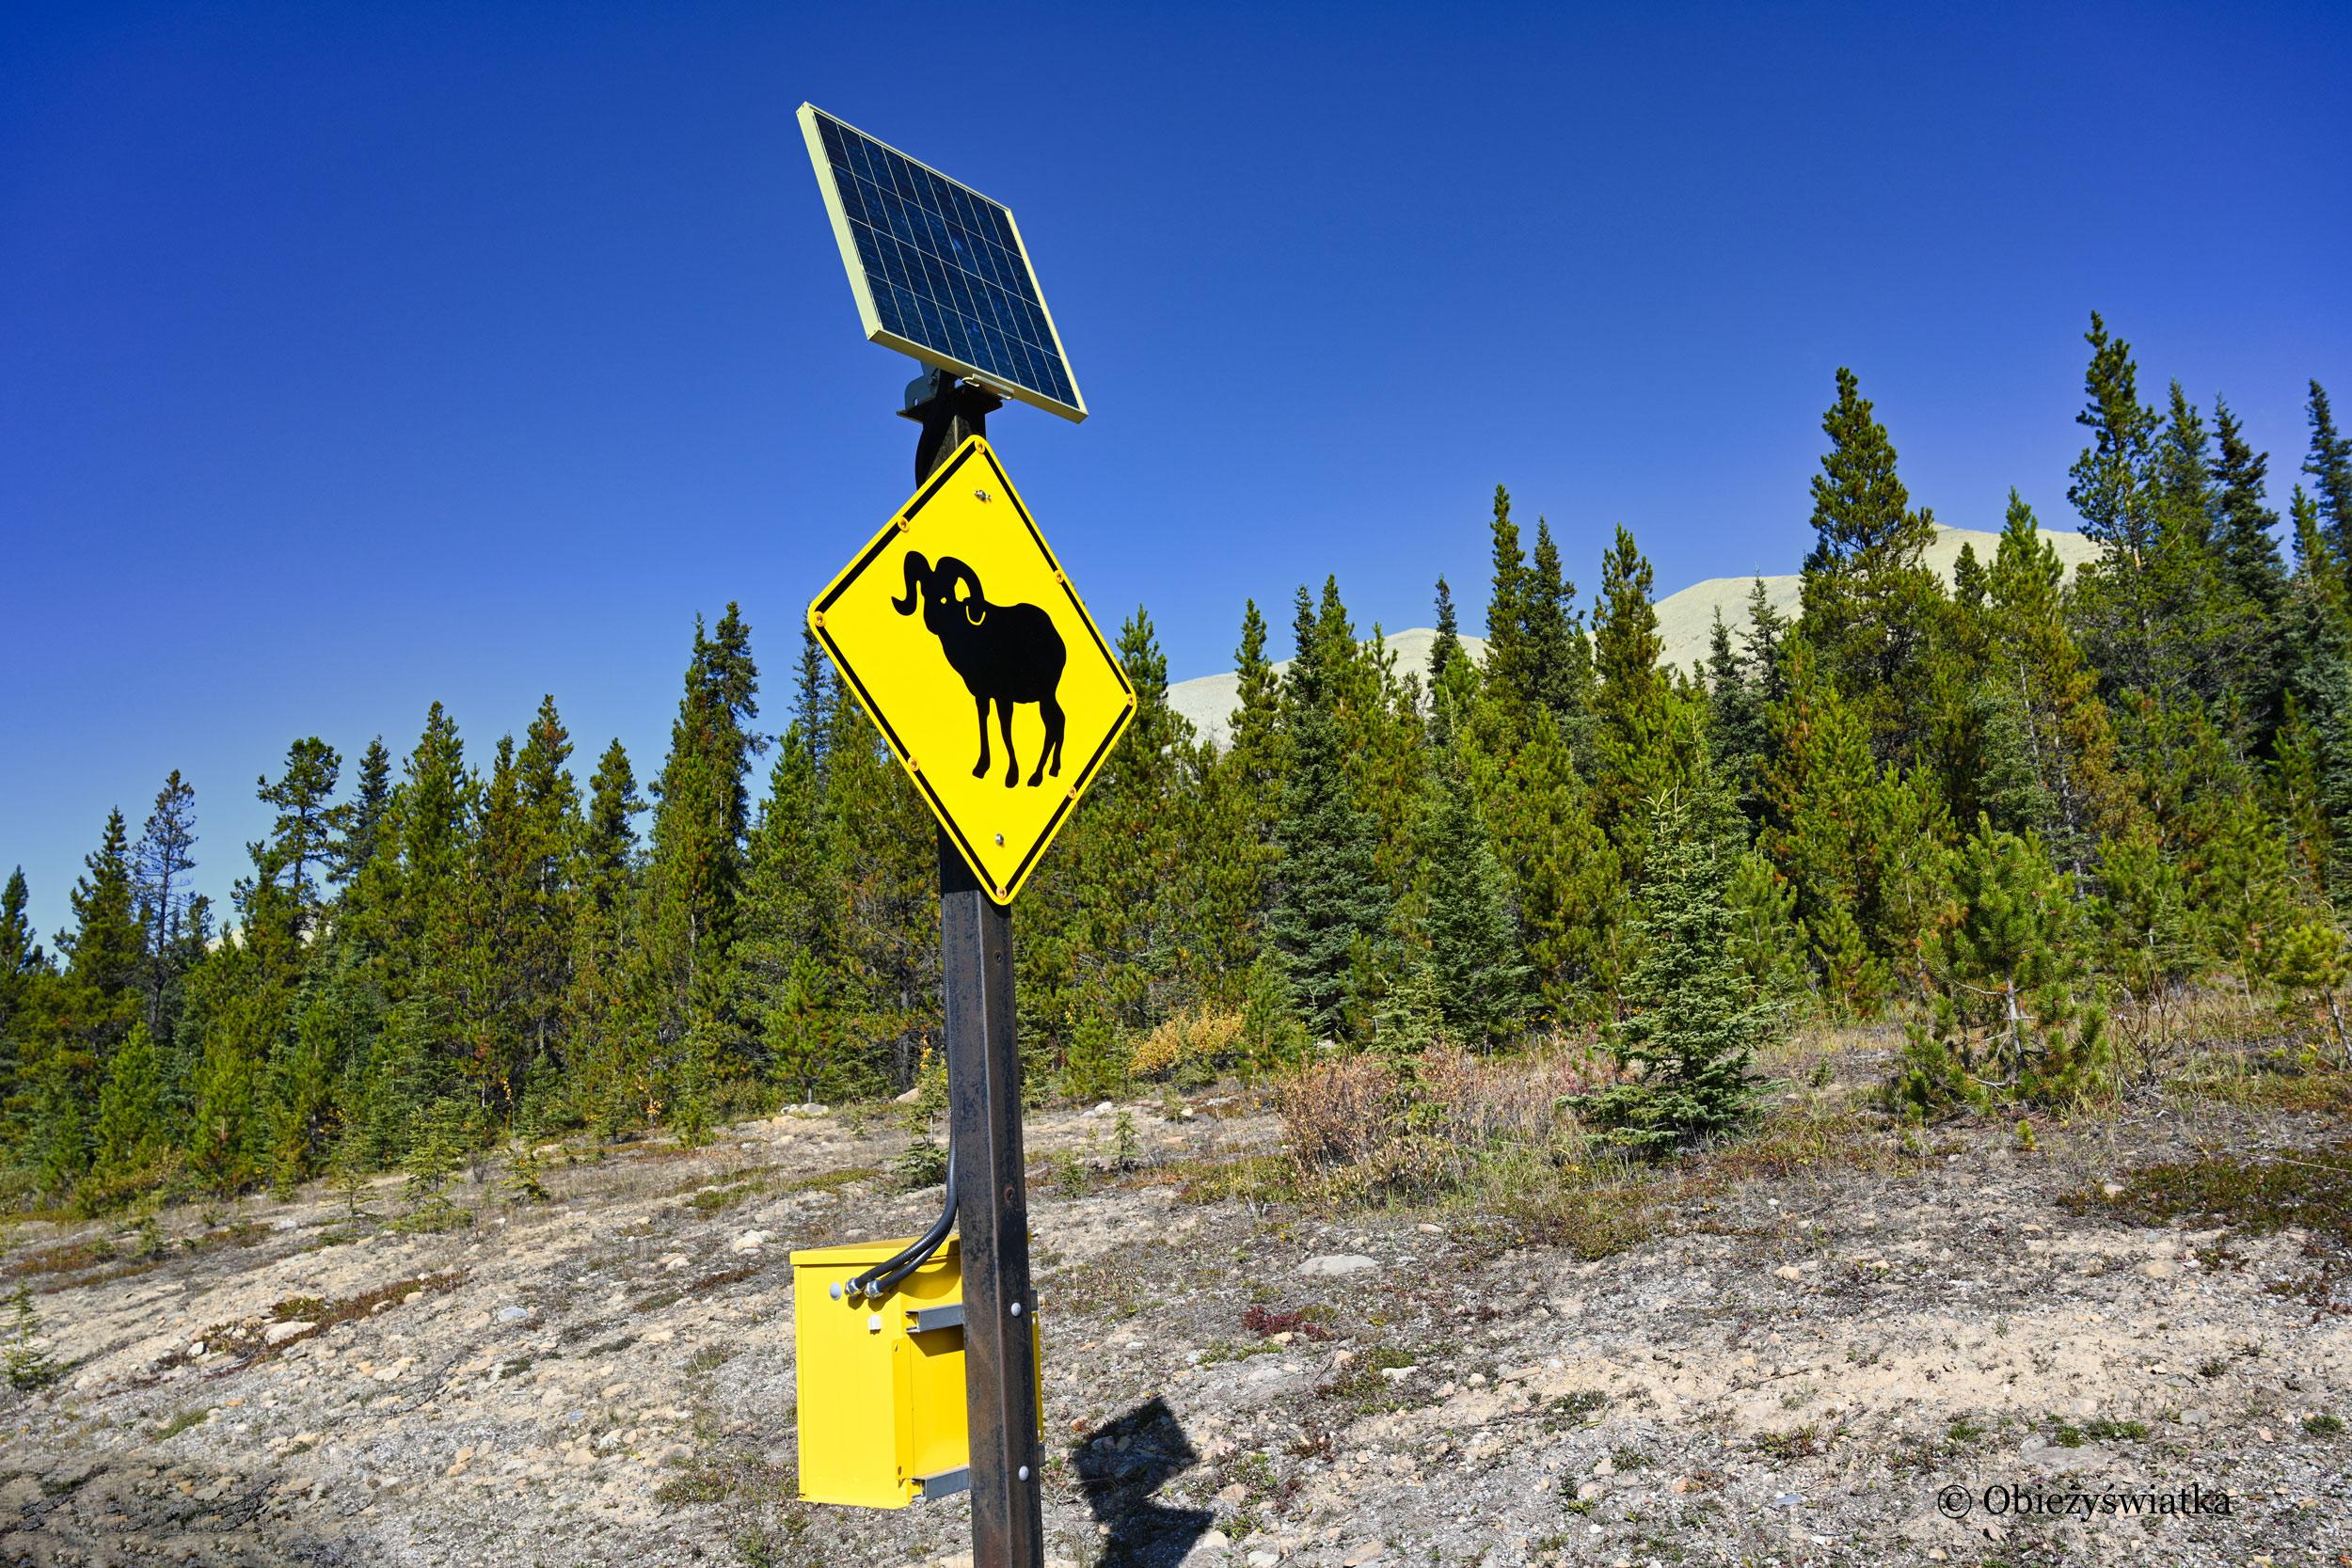 Znak ostrzegawczy - Alaska Highway, Kanada